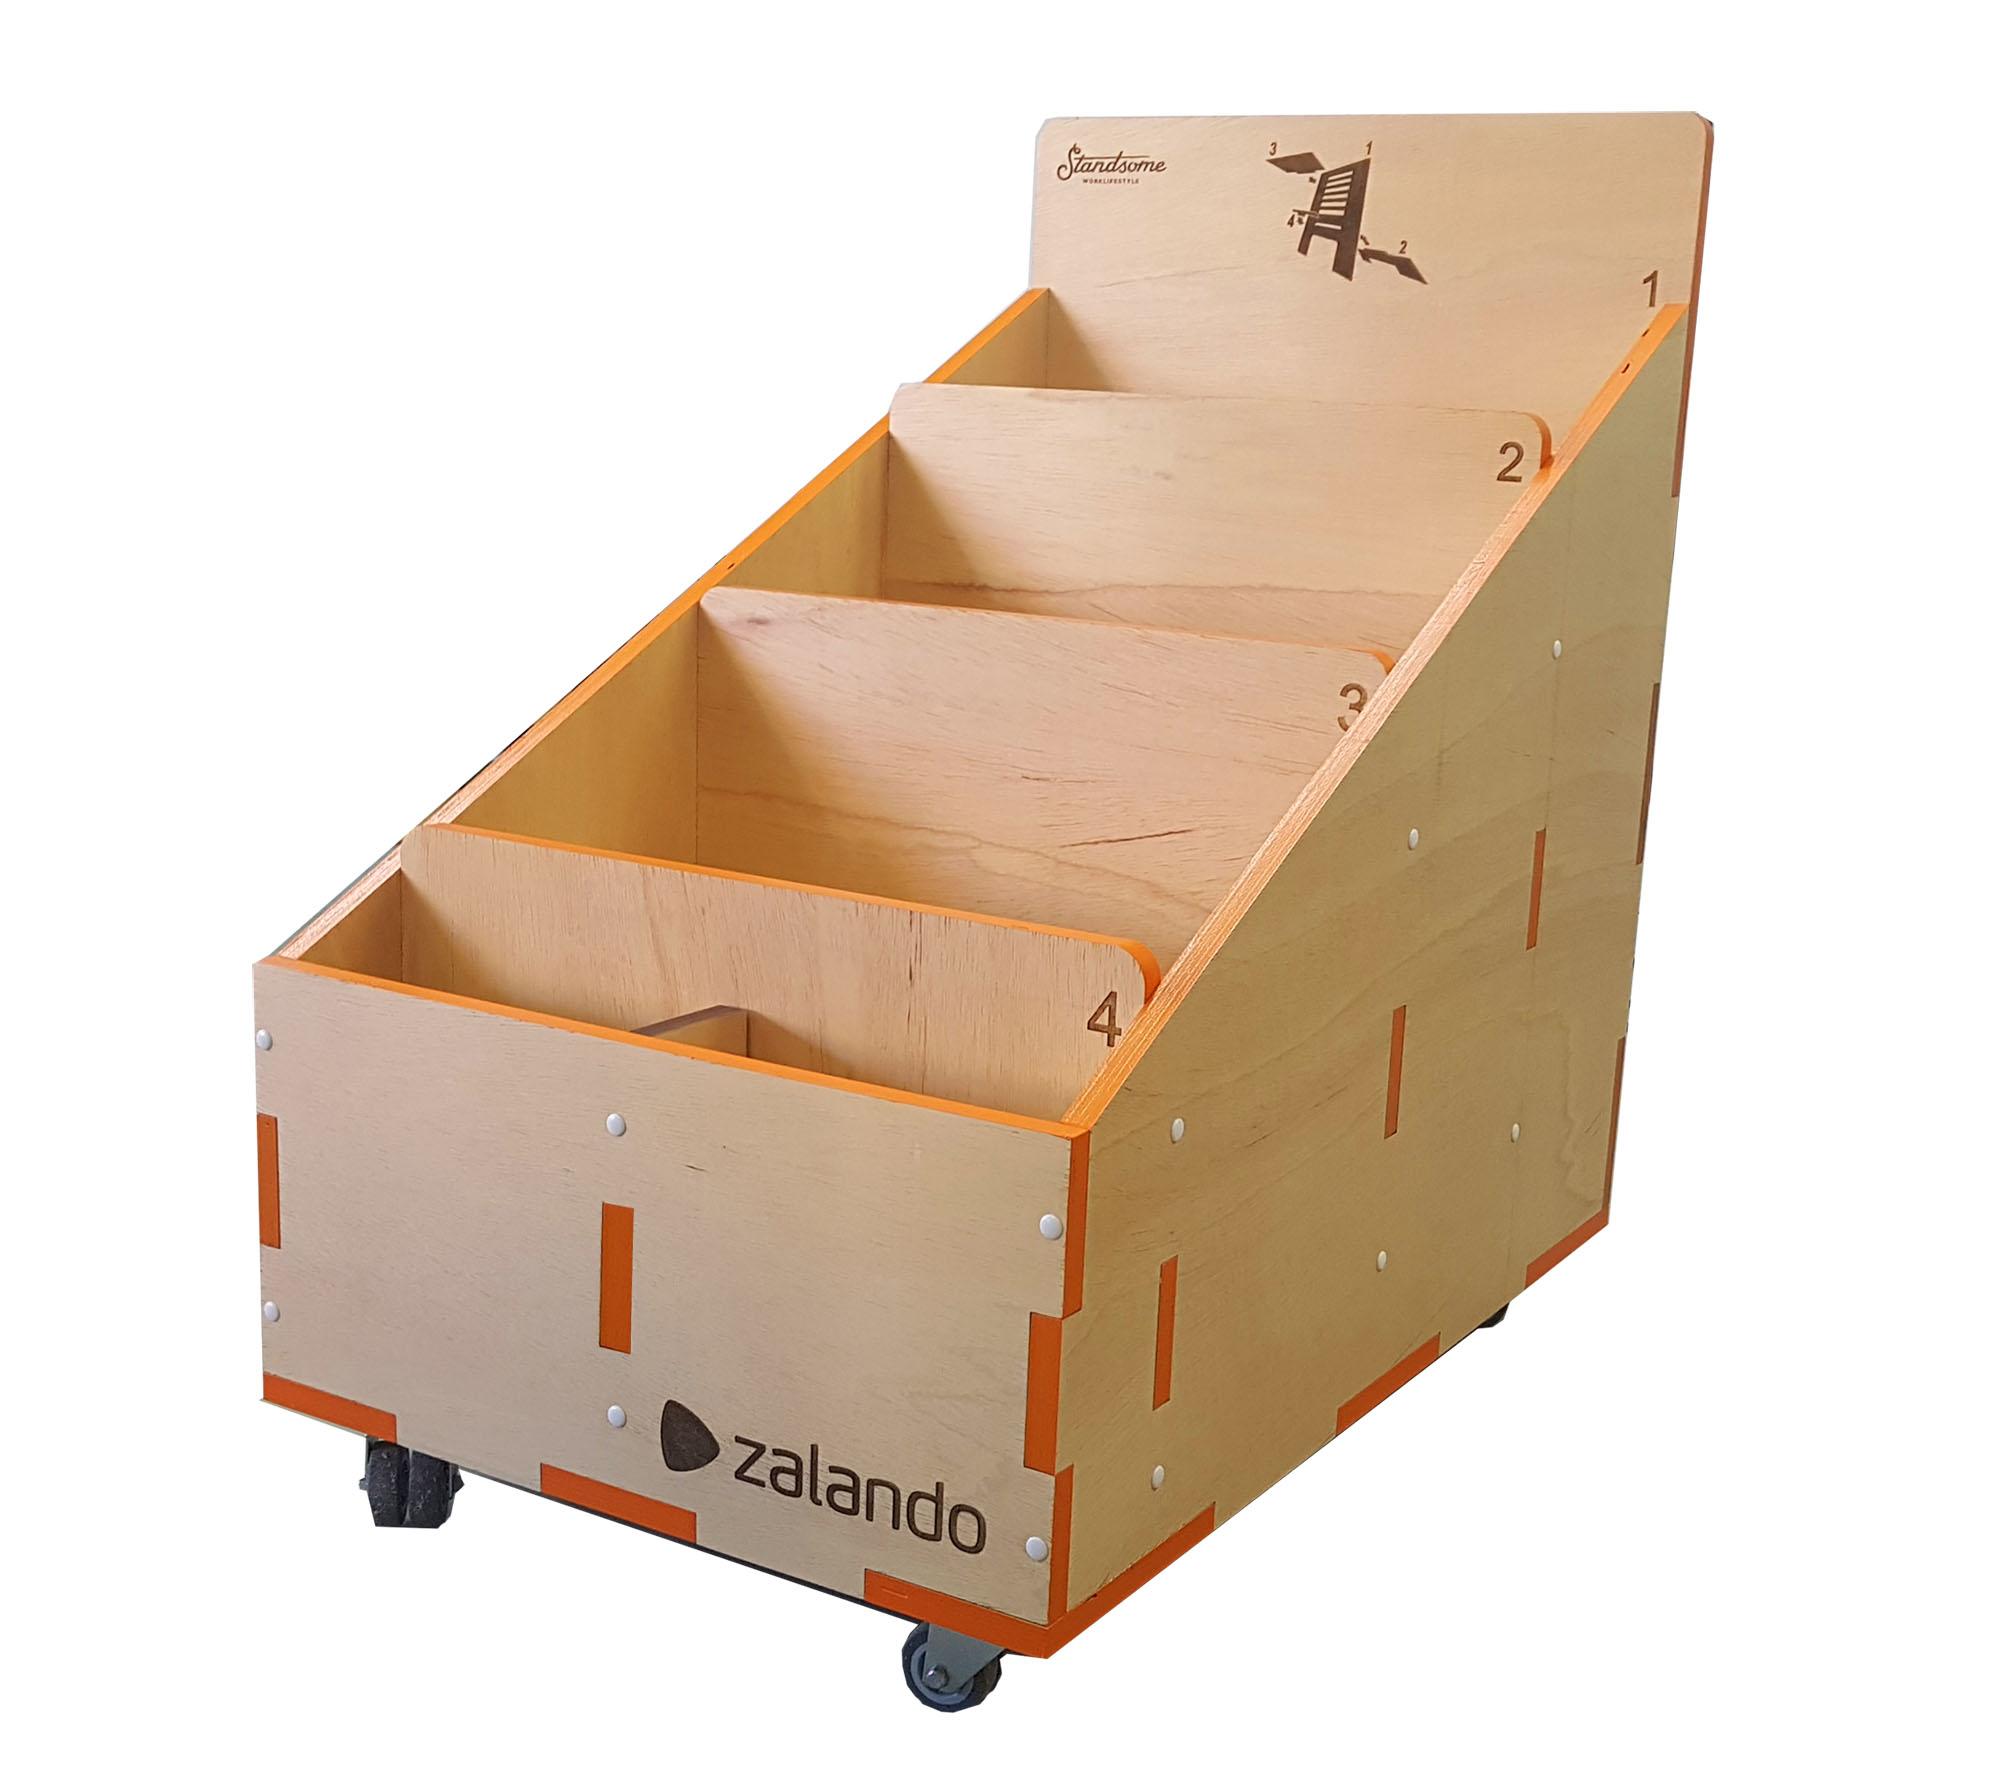 Standome Box